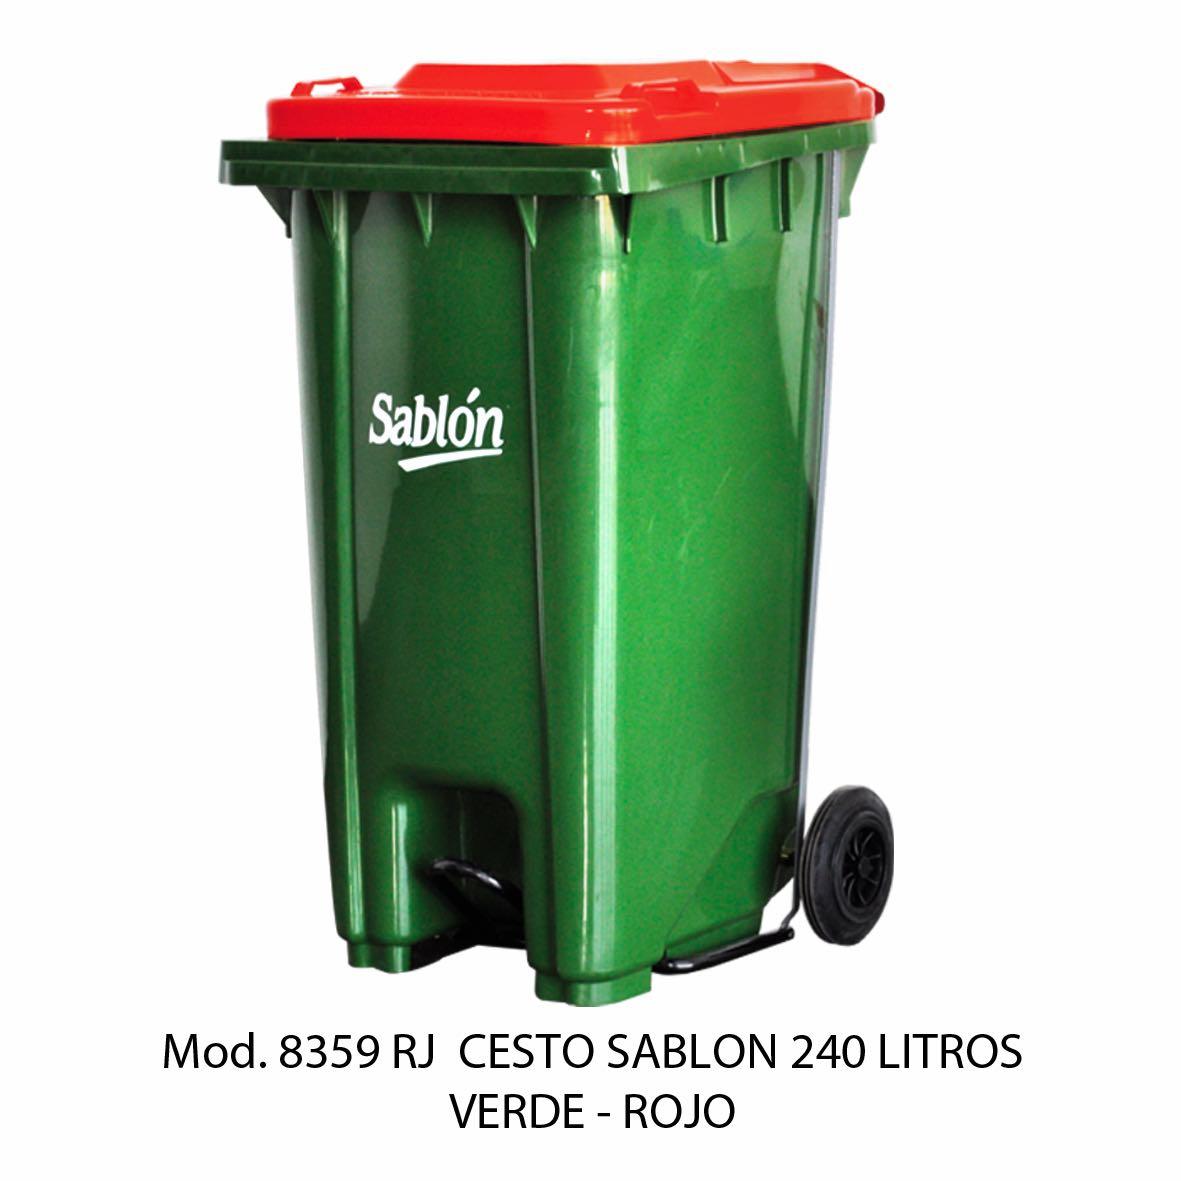 Contenedor de gran capacidad con cuerpo verde y tapa rojo - Modelo 8359 RJ - Sablón